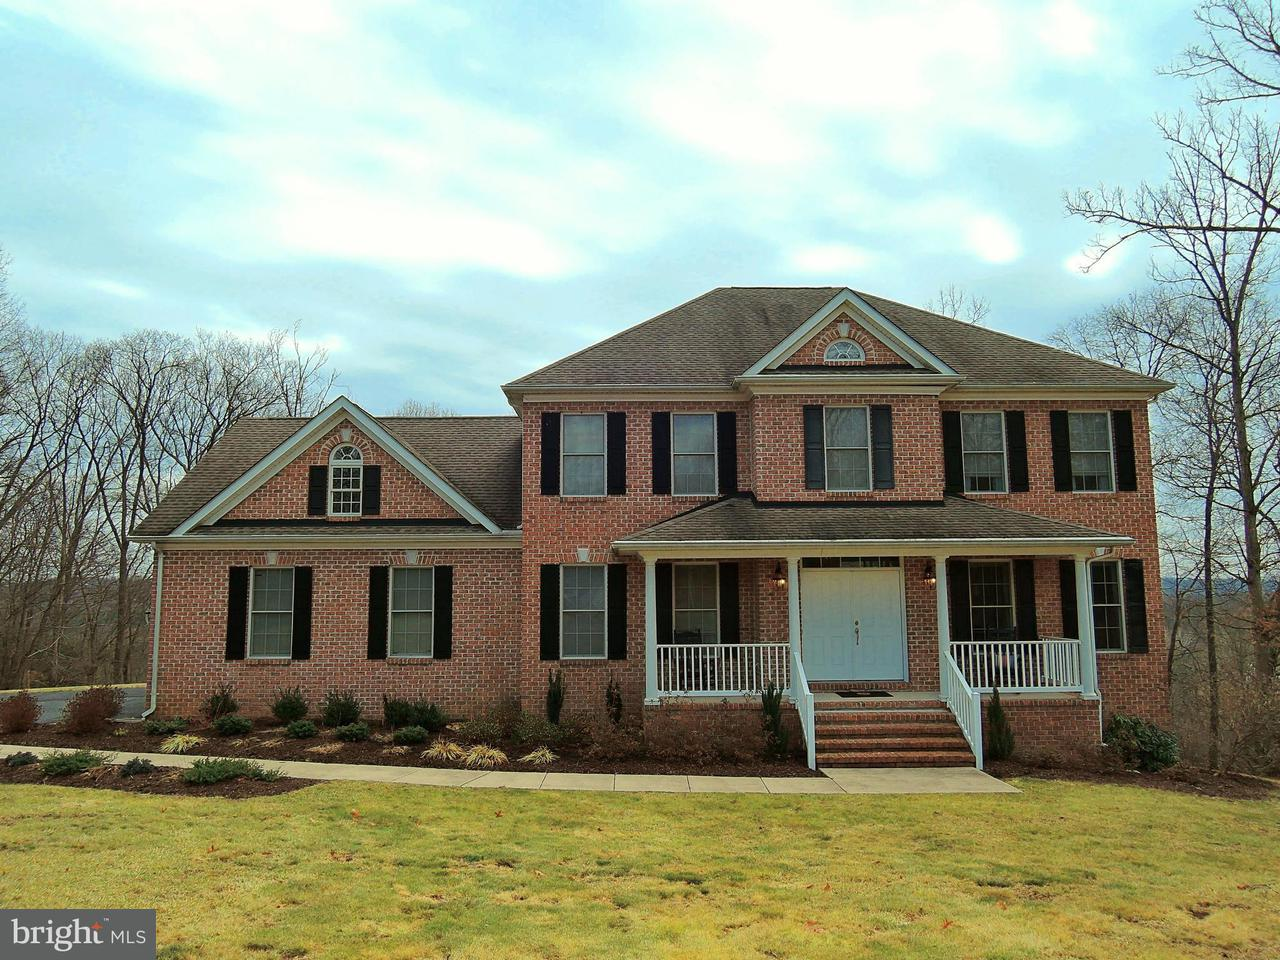 Casa Unifamiliar por un Venta en 118 Graystone Farm Road 118 Graystone Farm Road White Hall, Maryland 21161 Estados Unidos